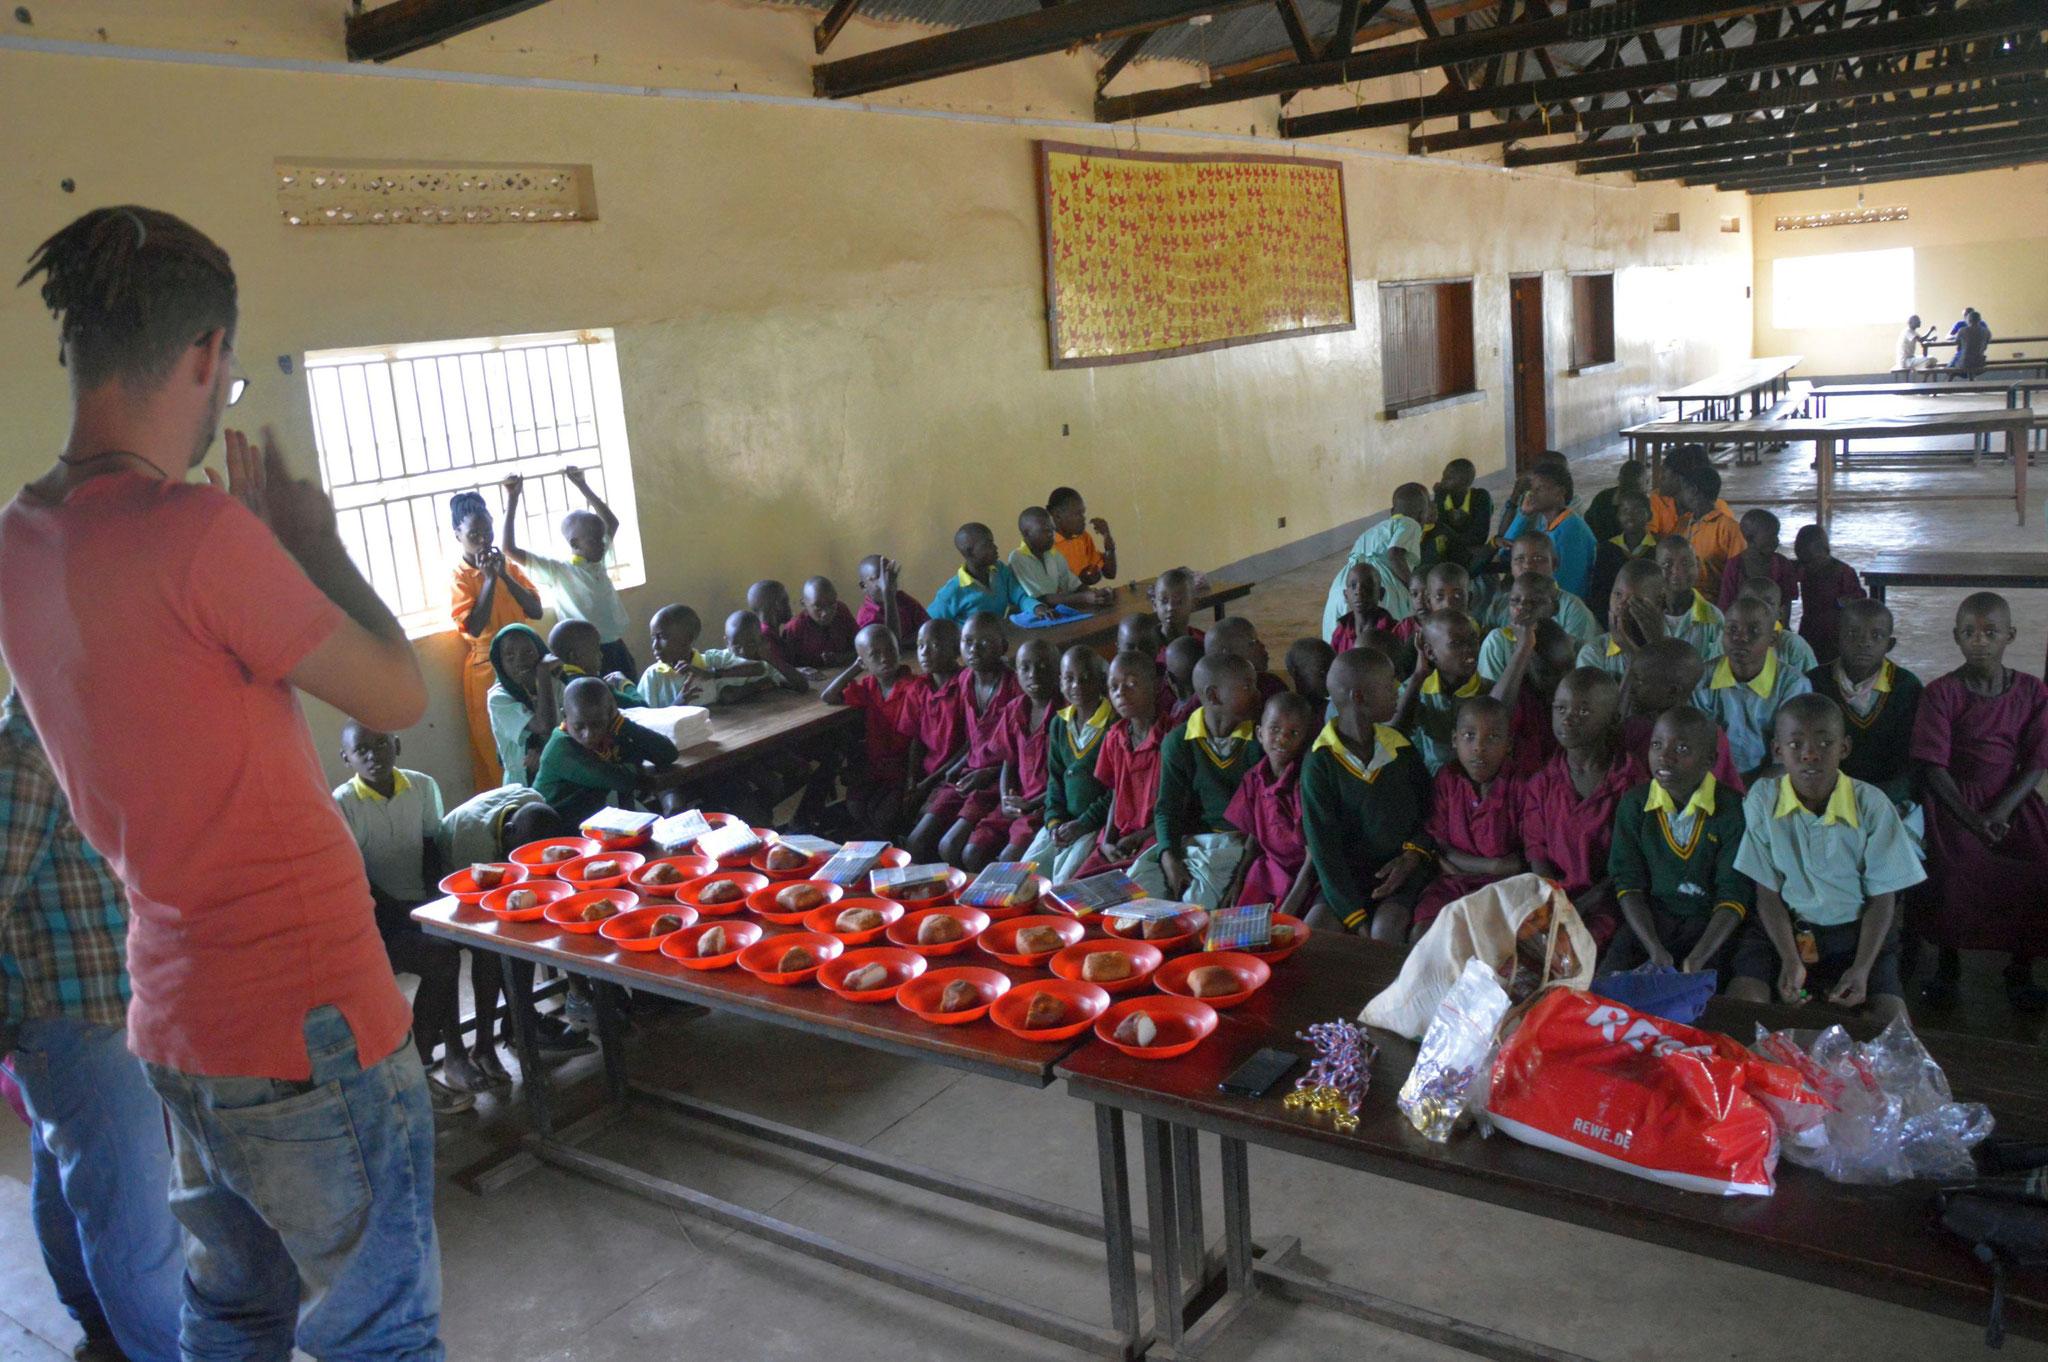 Prämierung der Klassenbesten aus jeder Klasse